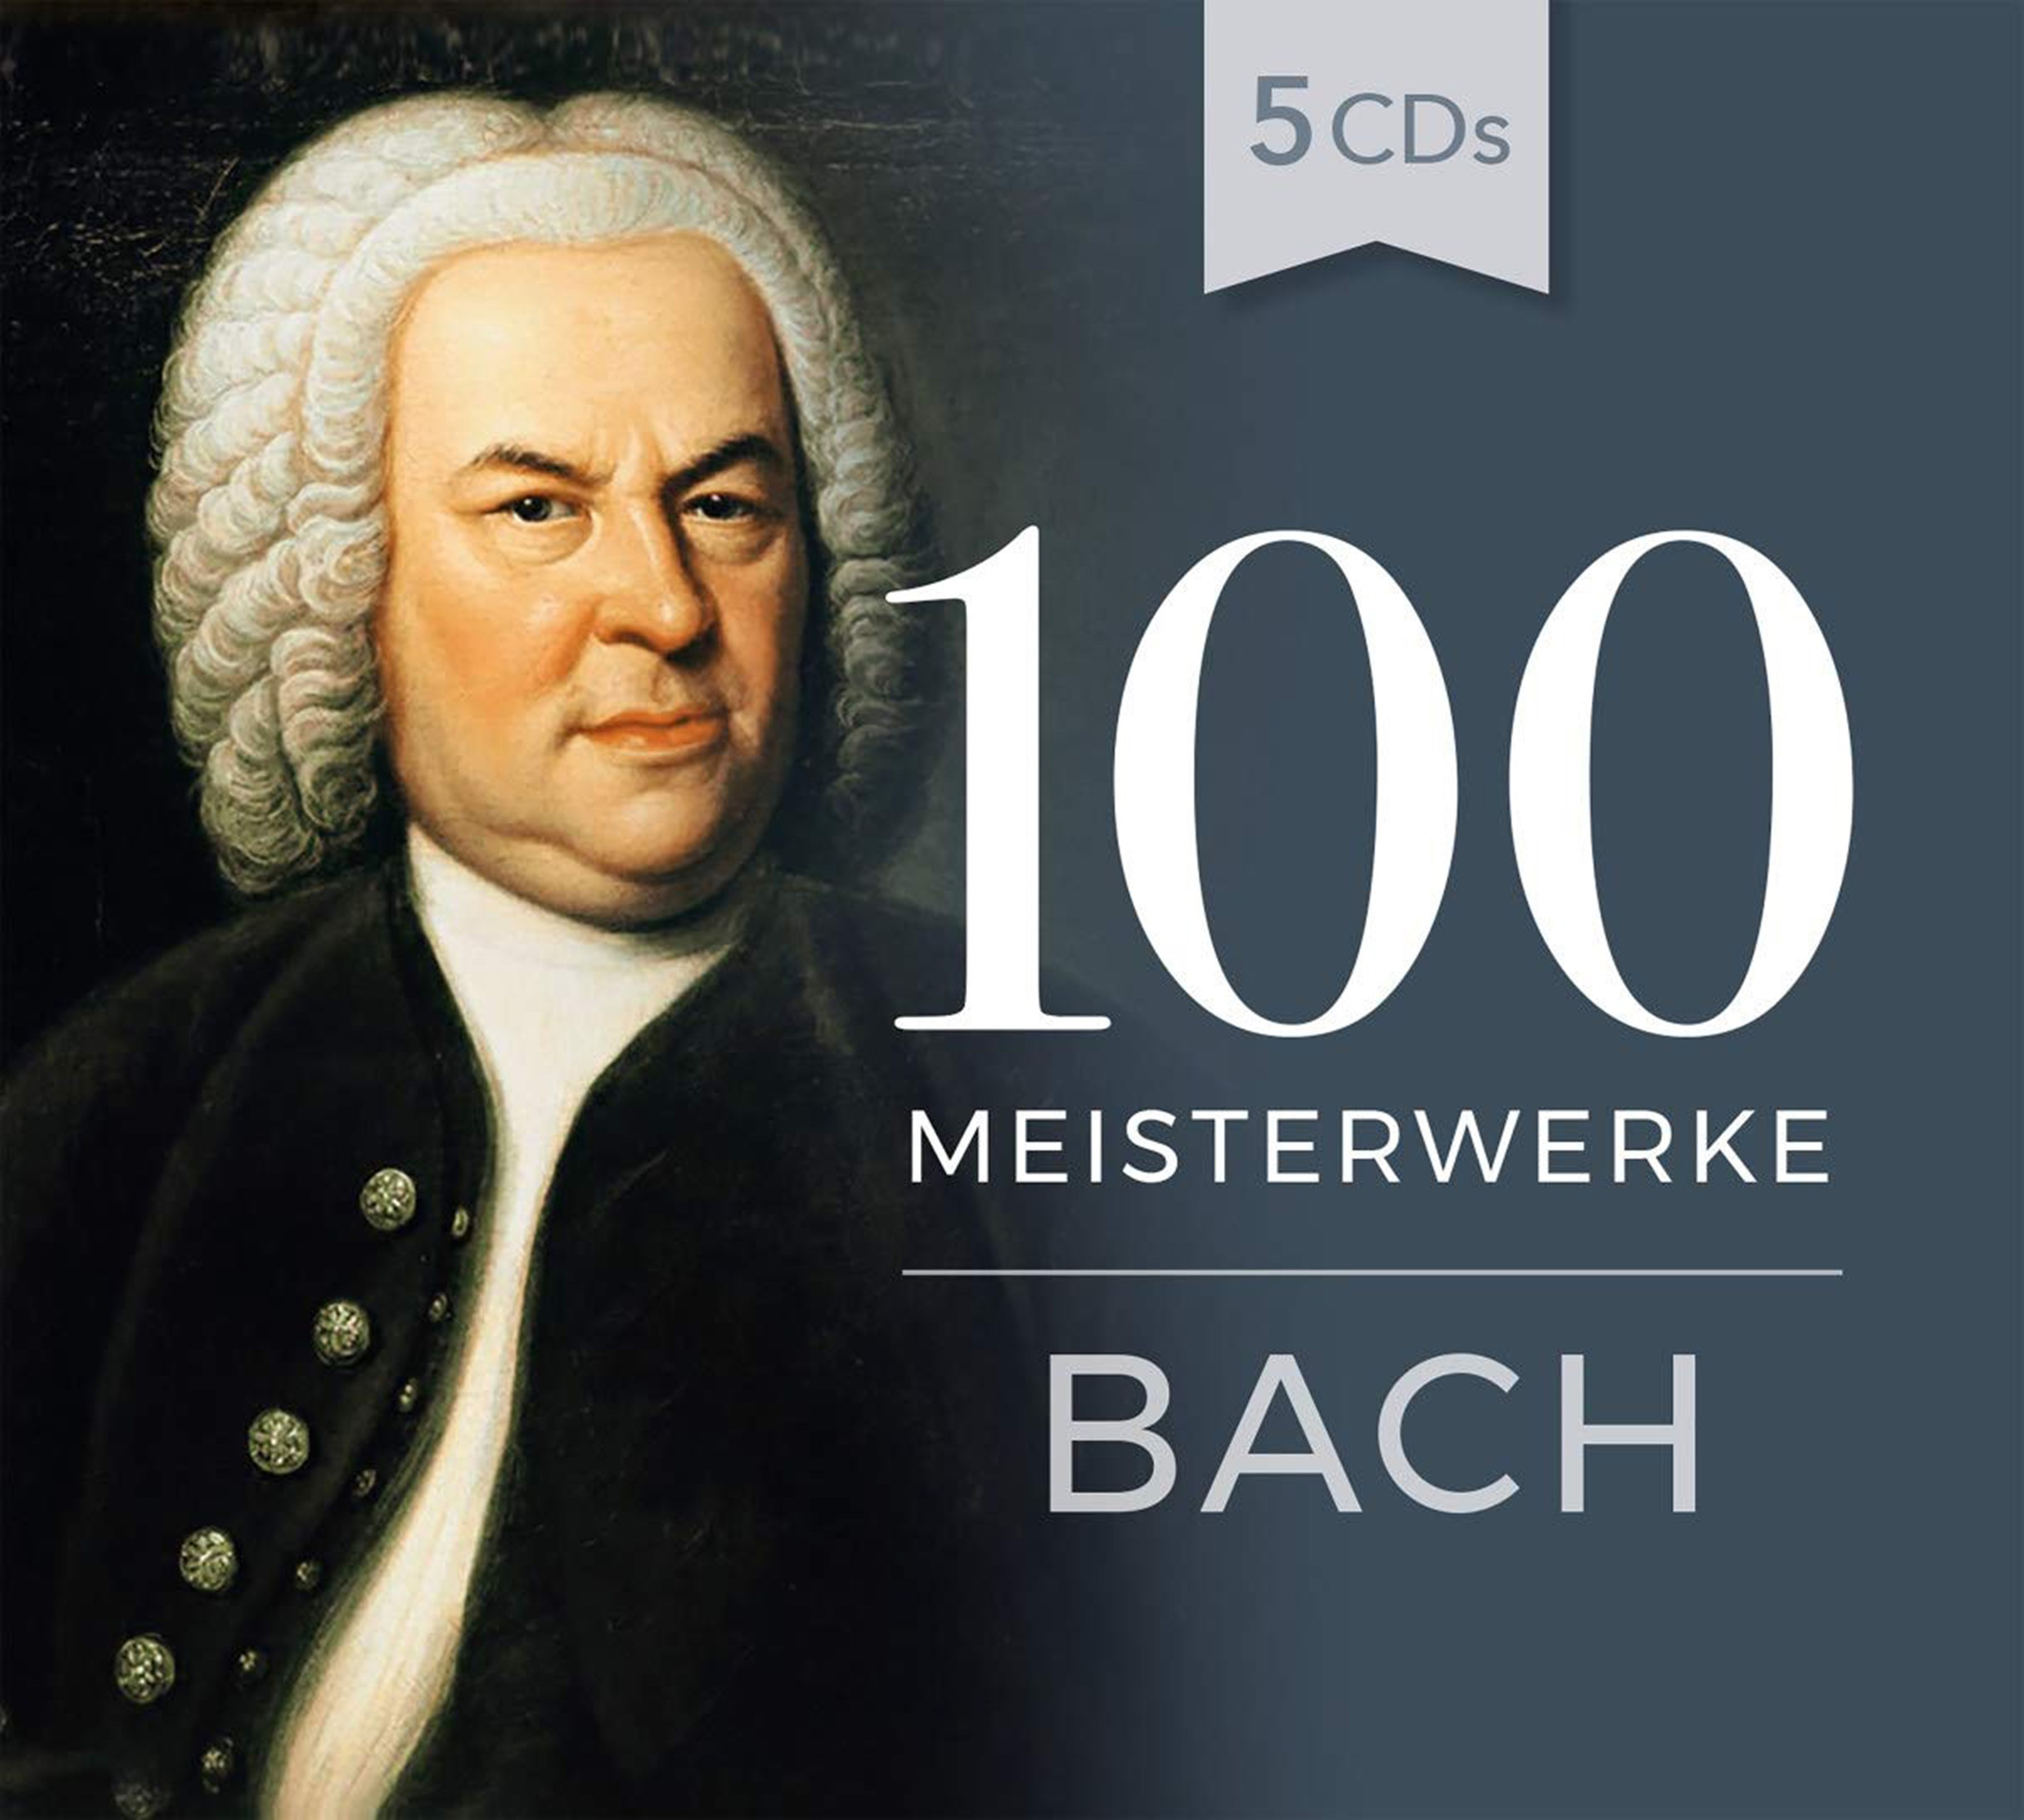 100 Meisterwerke Bach - 1